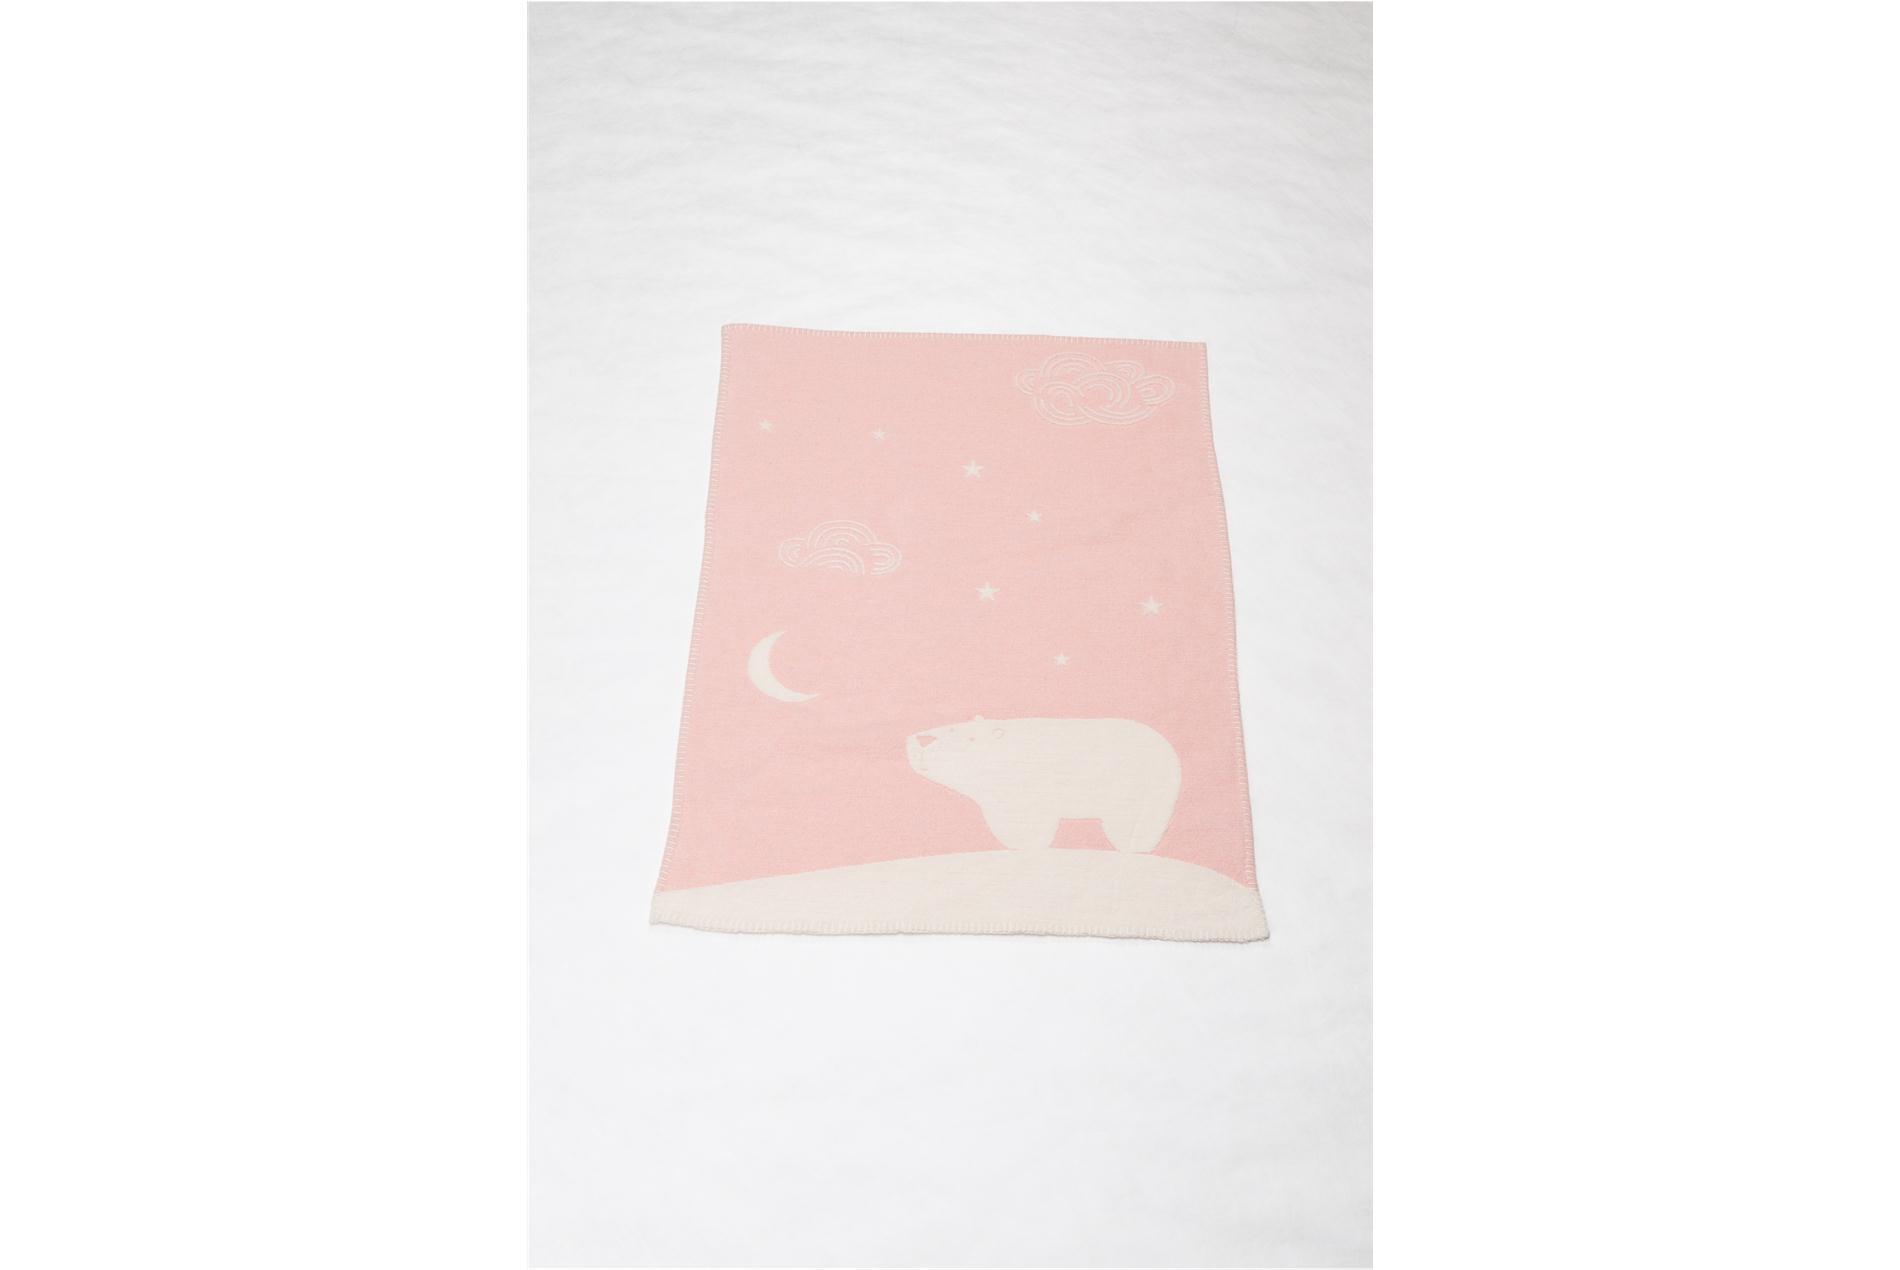 DAVID FUSSENEGGER Decke für Kinder mit Eisbär, rosa/weiß, 65 x 90 cm